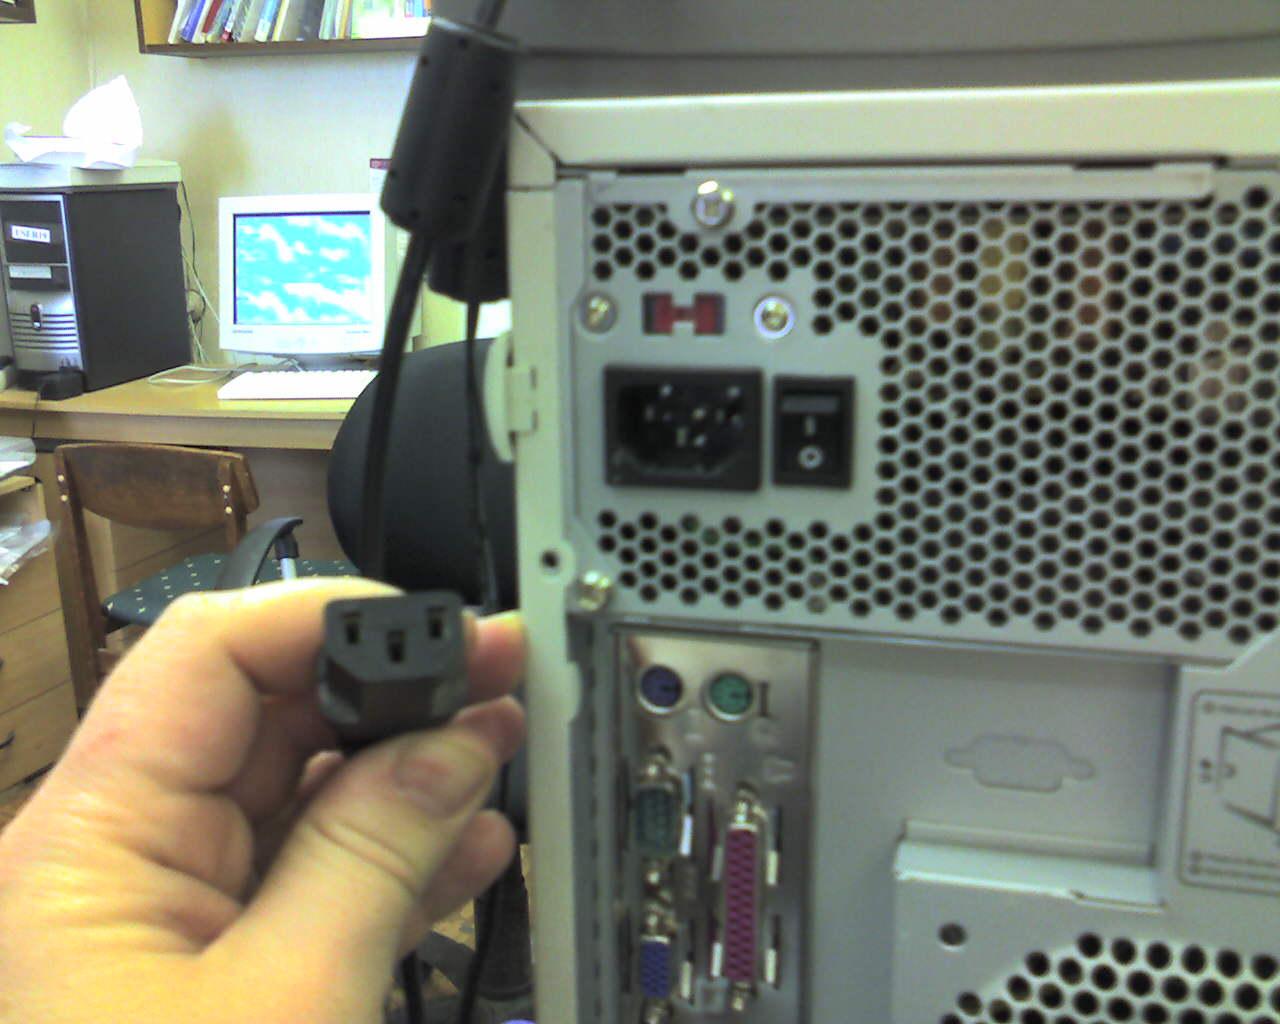 Как сделать чтобы монитор выключался вместе с системным блоком